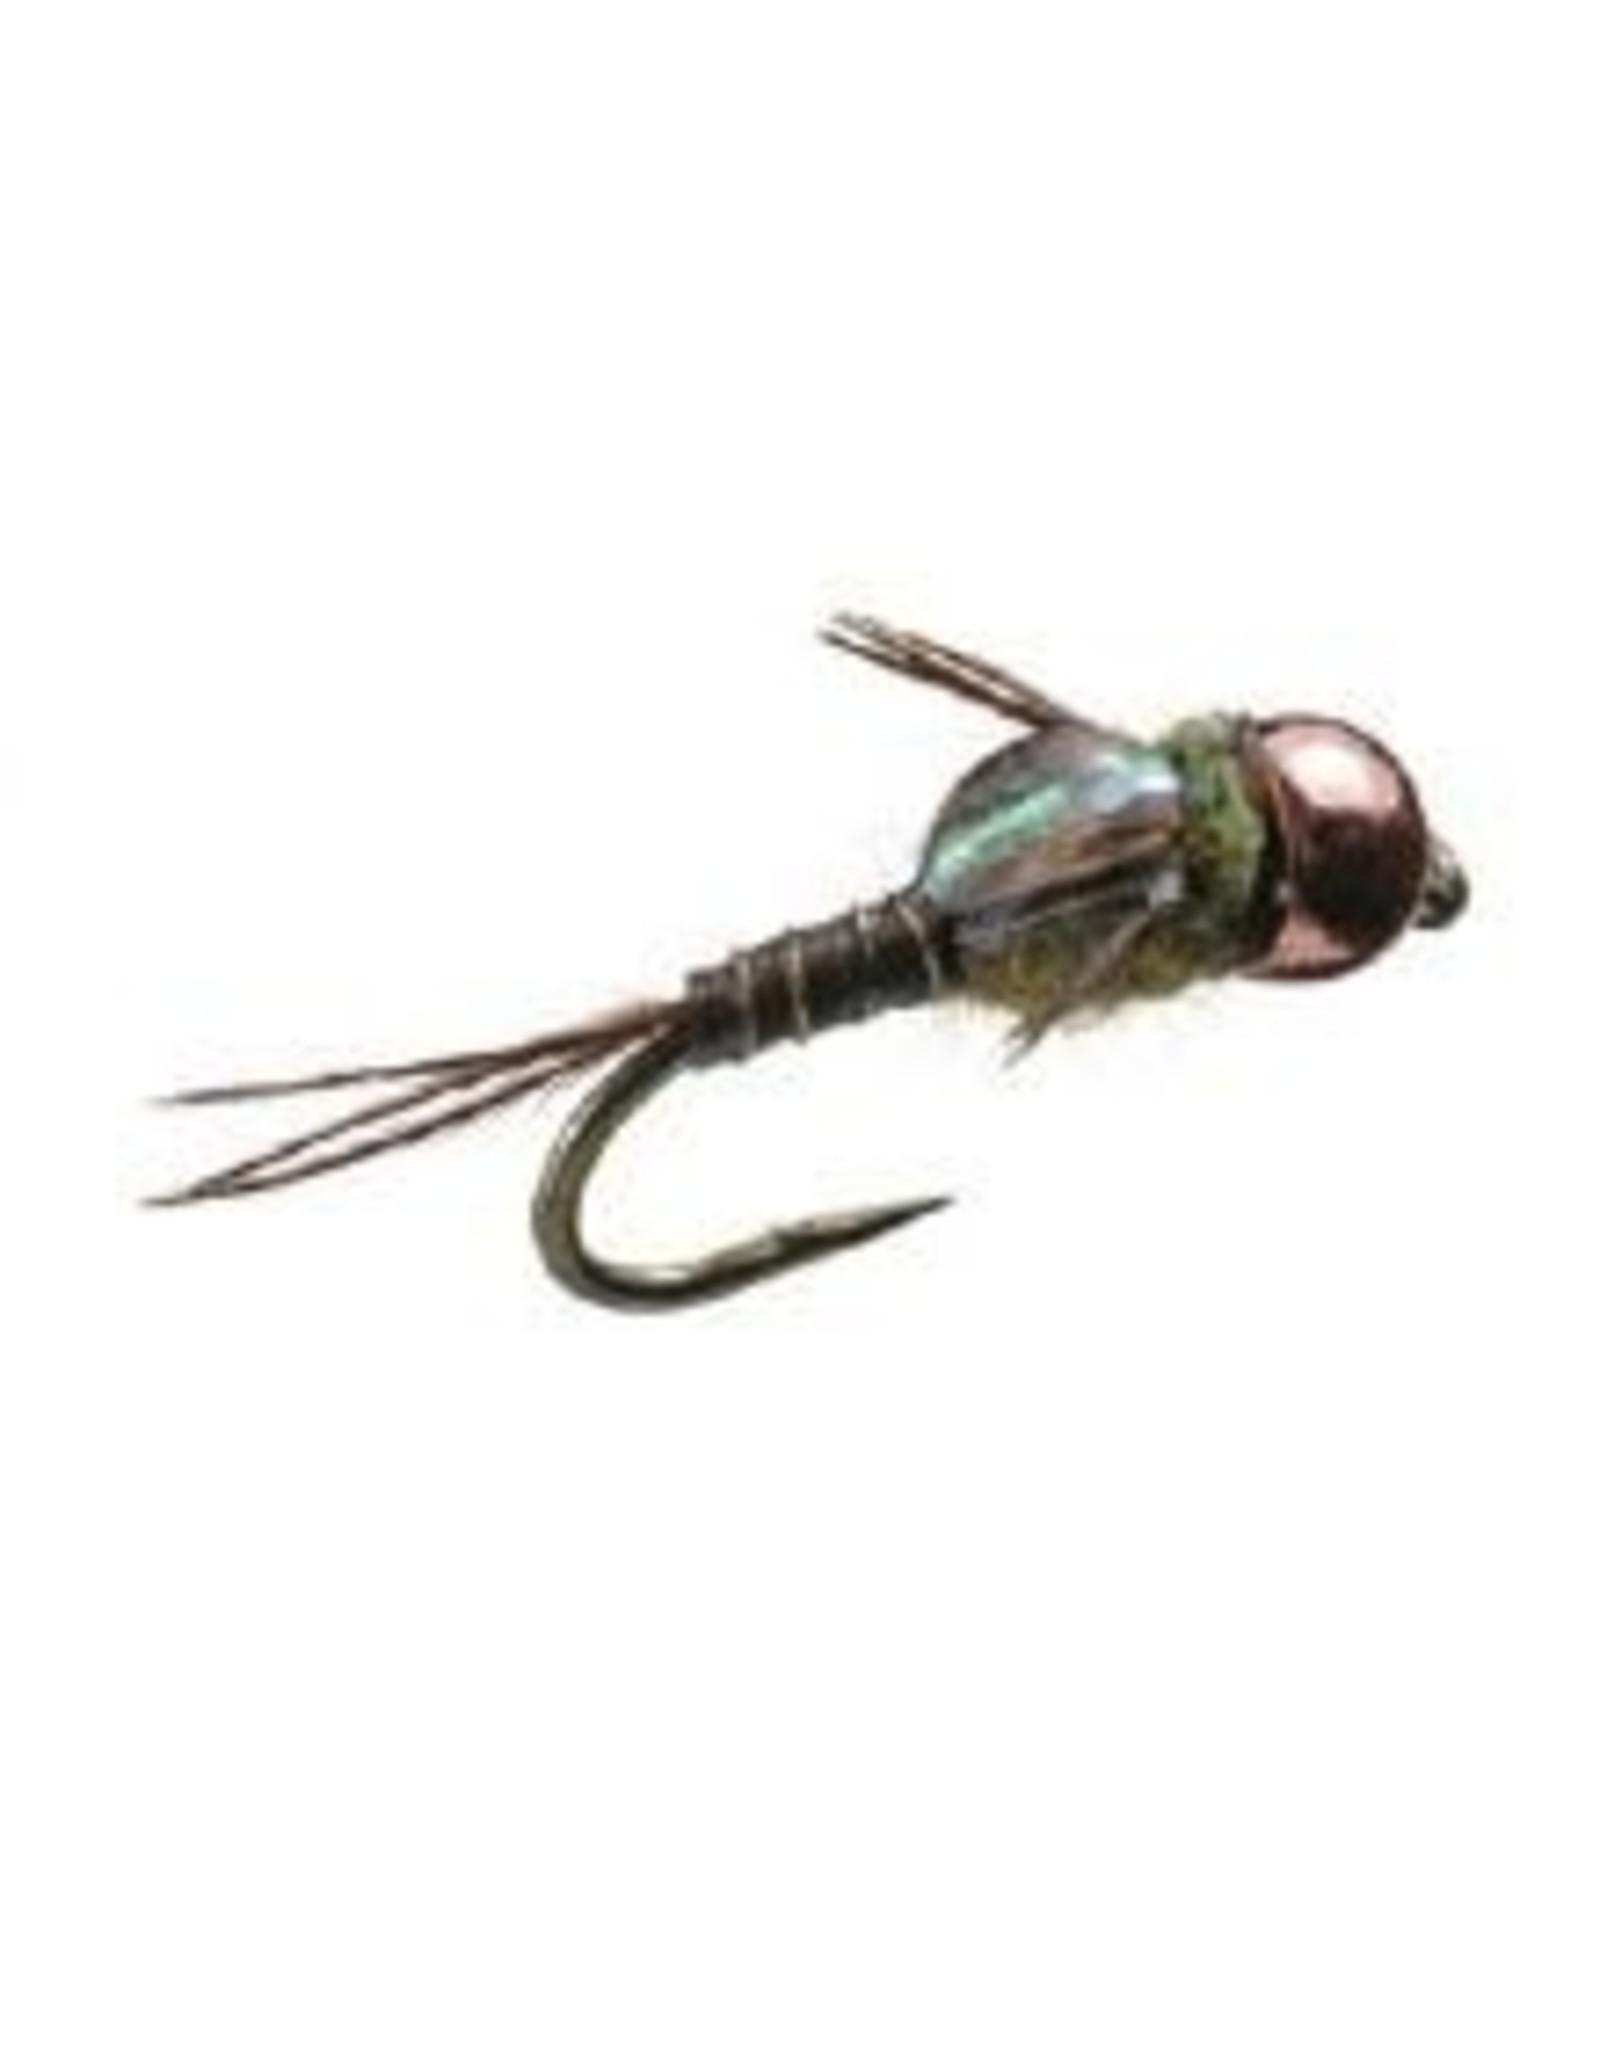 Umpqua Micro Mayfly (3 Pack)